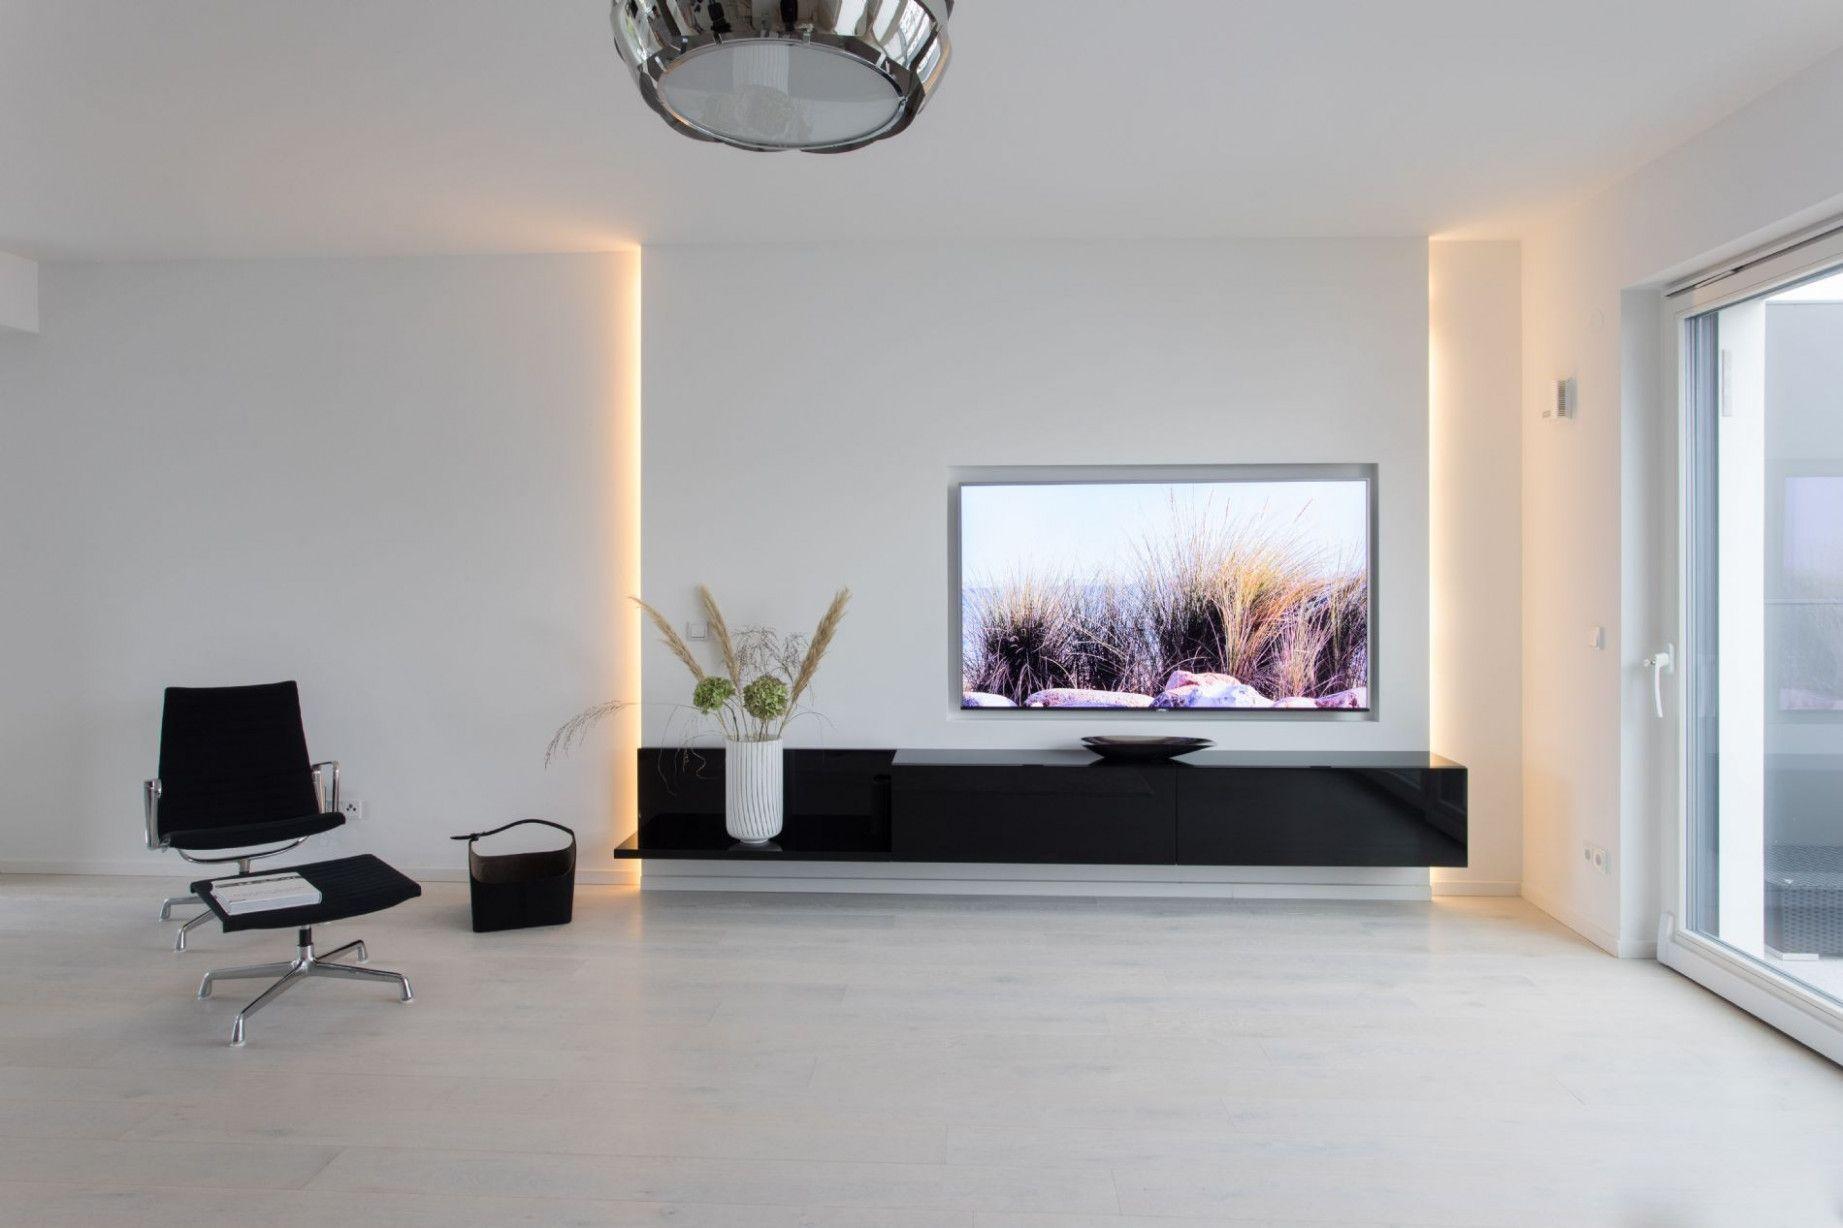 4 Trockenbau Design Wohnzimmer in 4  Wohnzimmer tv wand ideen